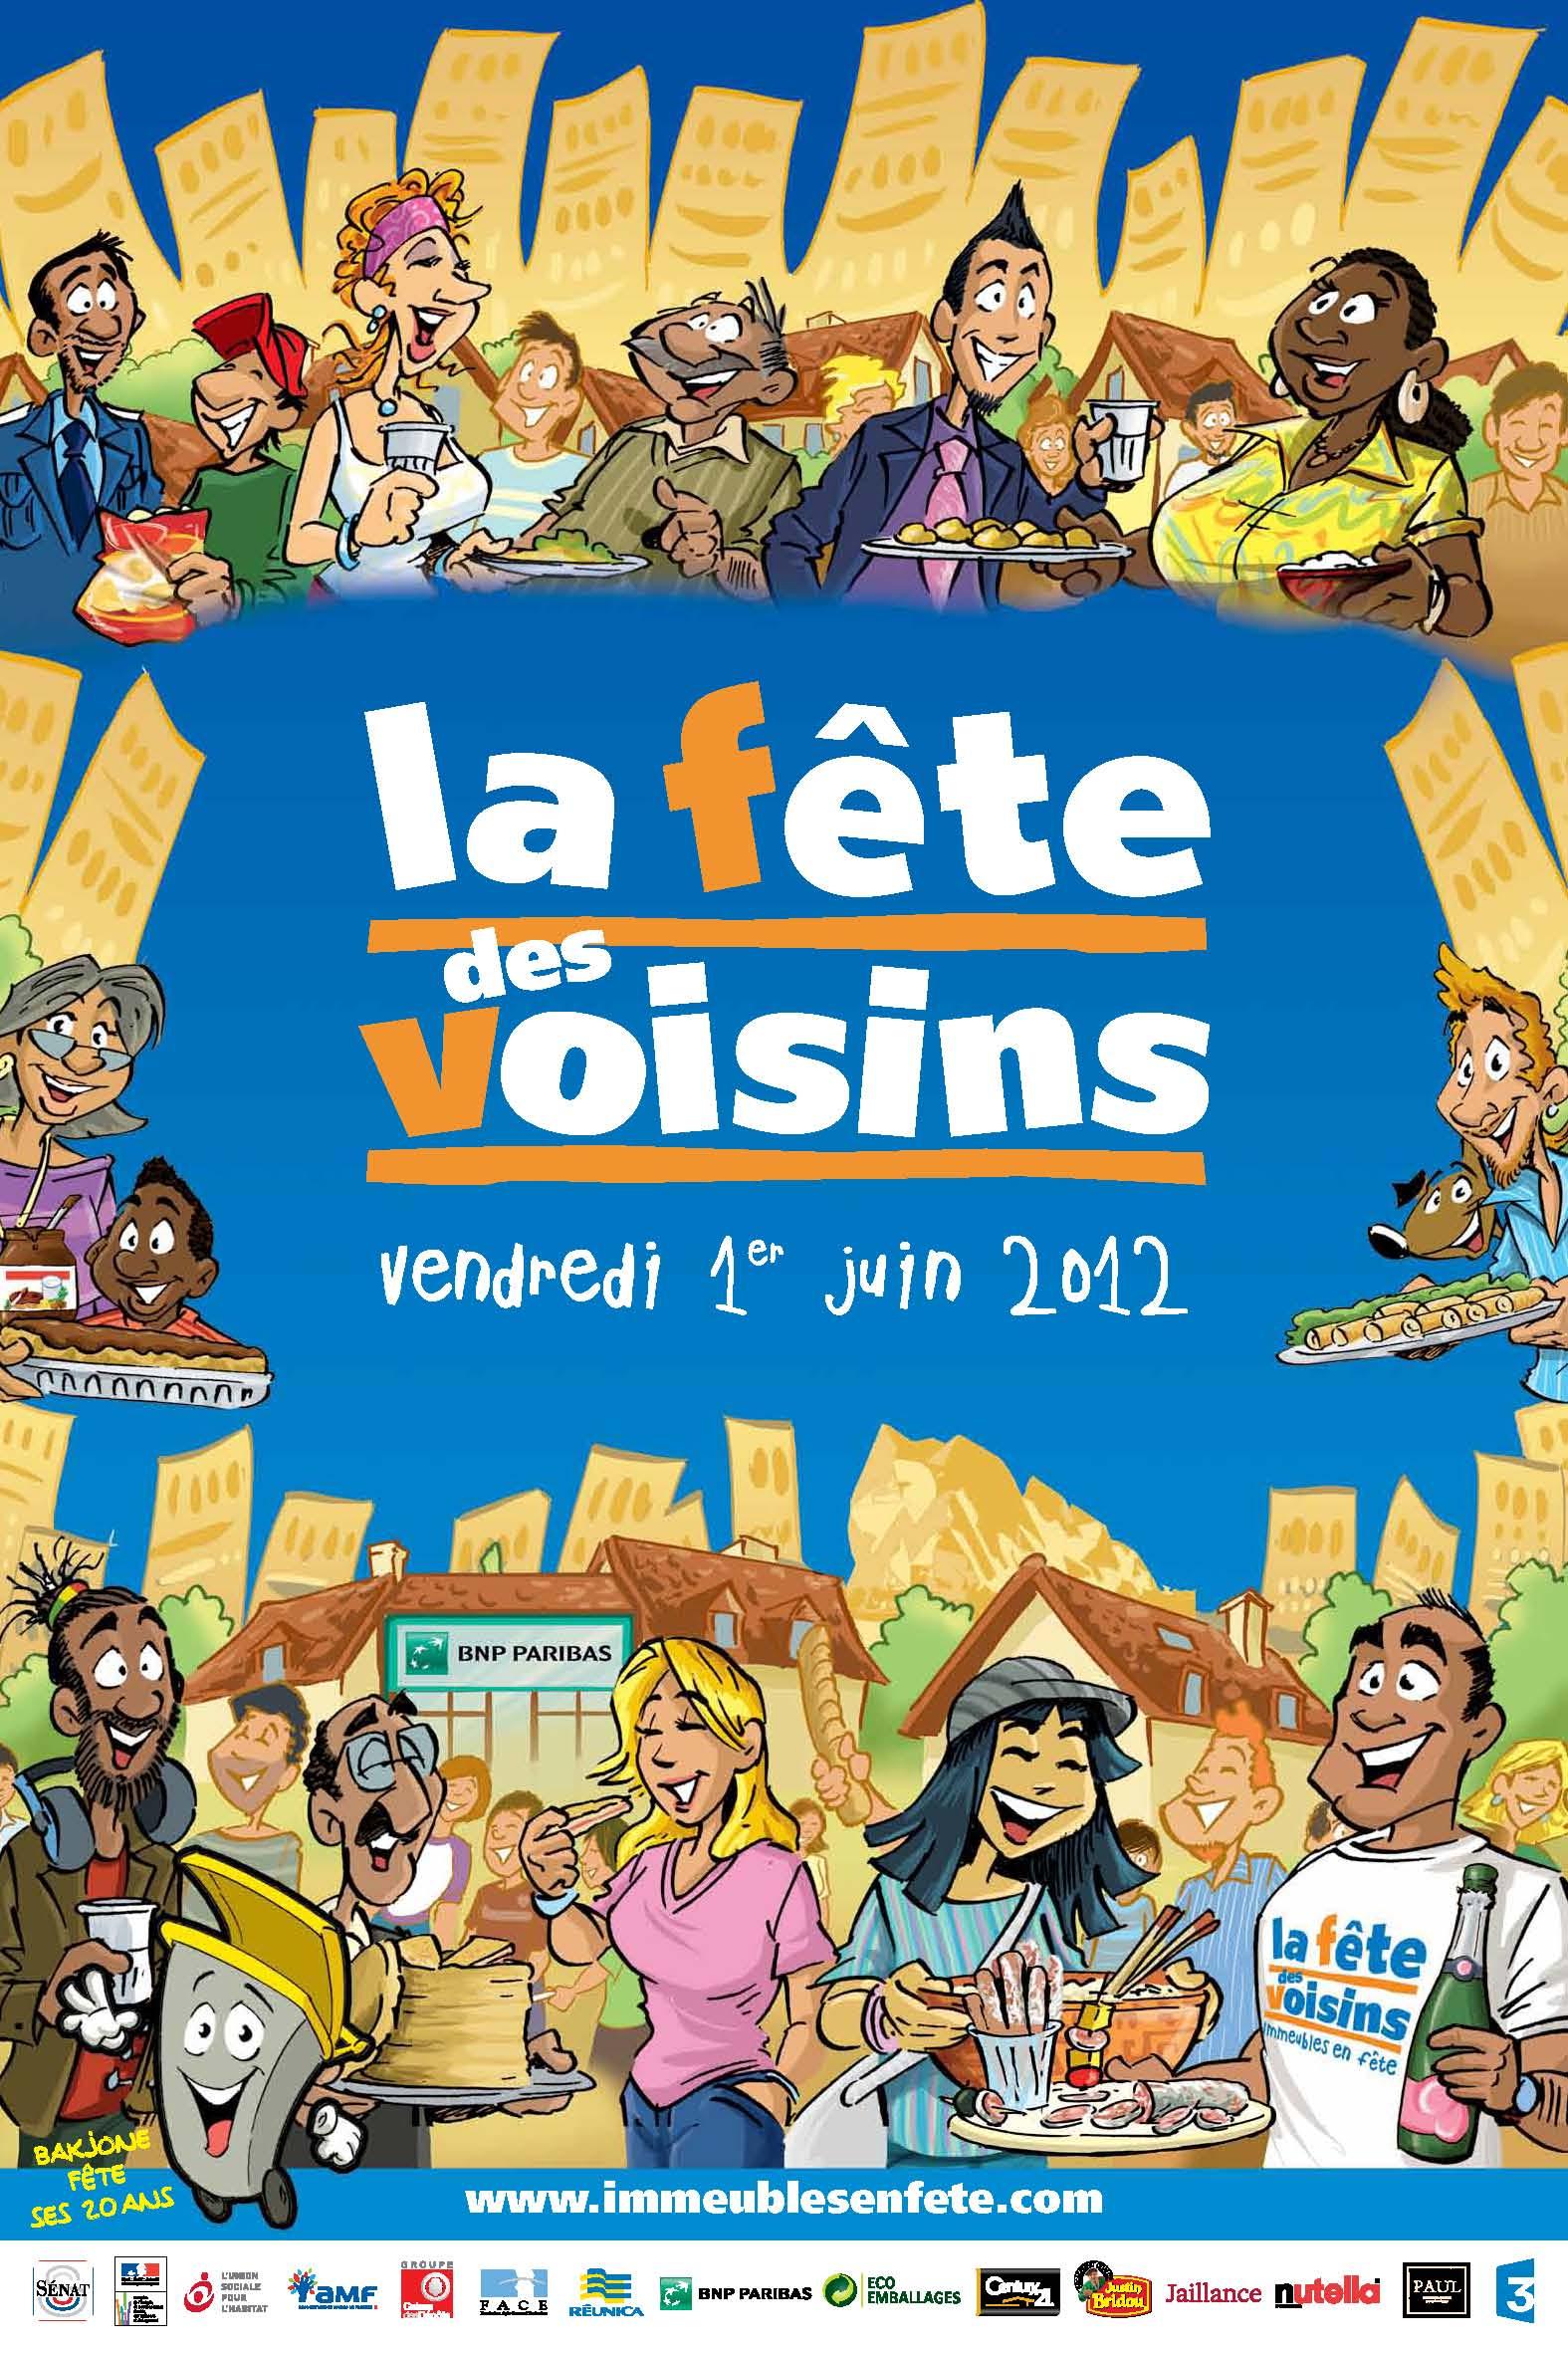 Evènement Dijon : La Fête des Voisins 2012